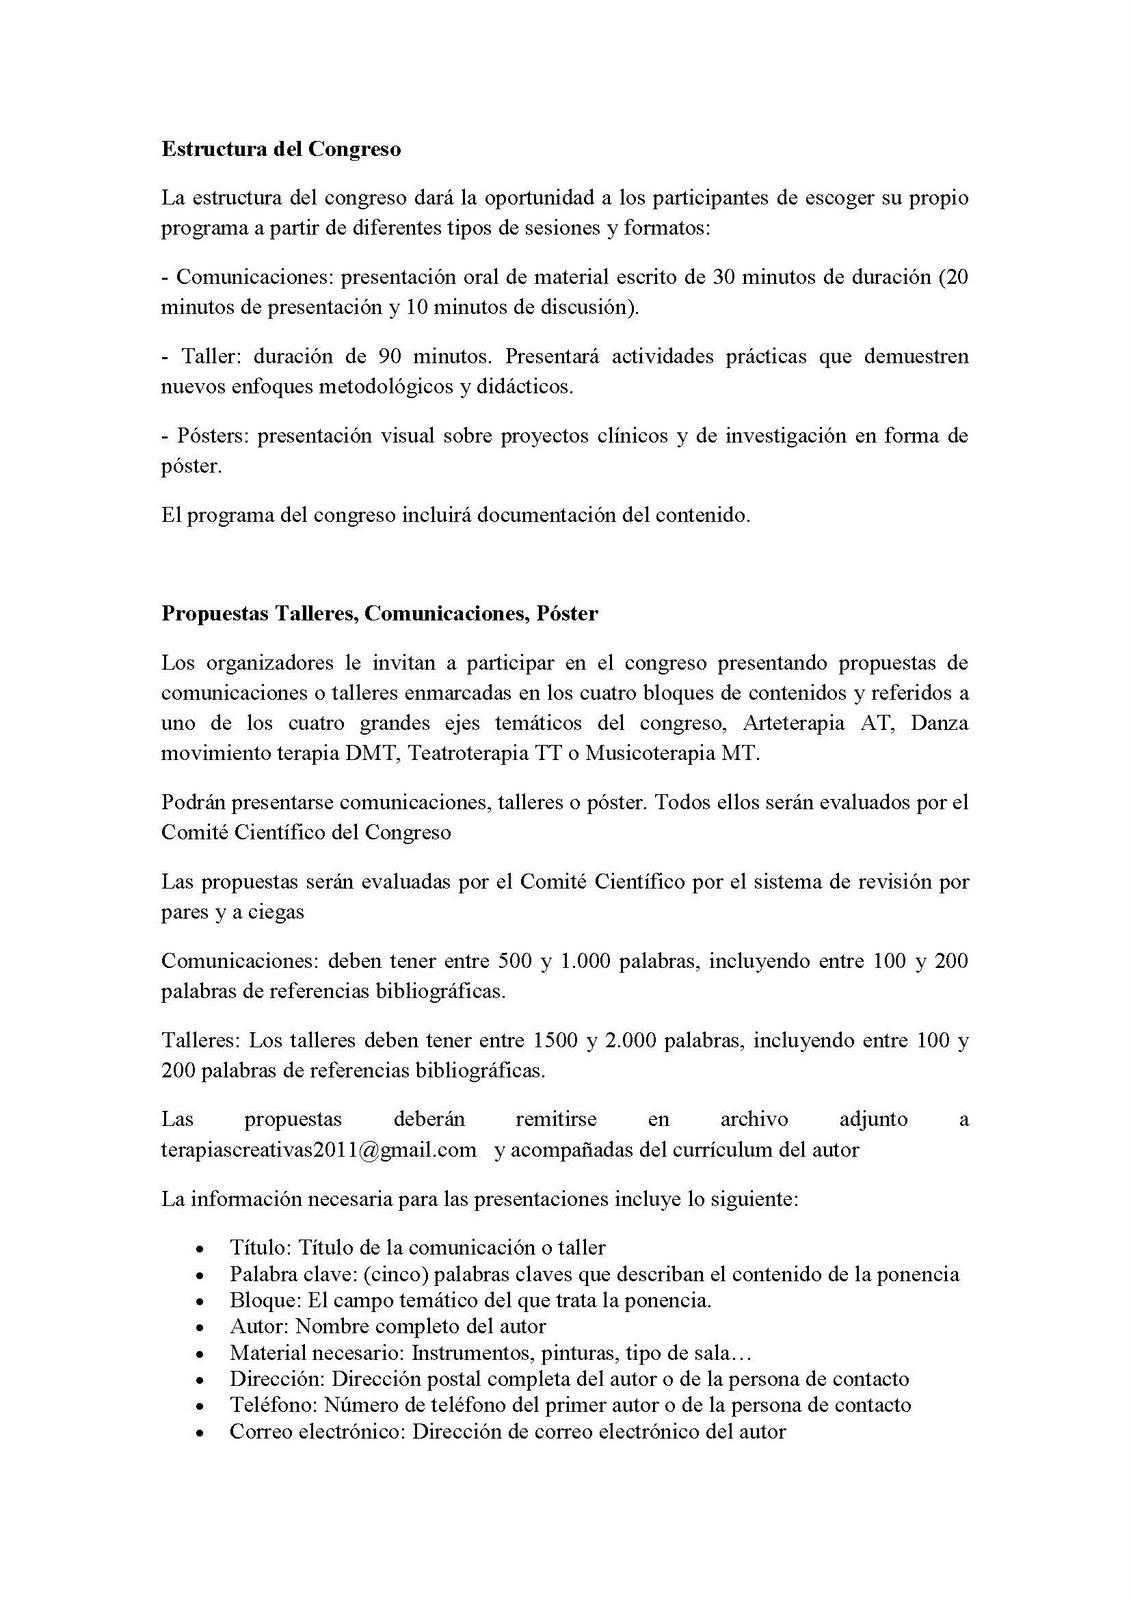 AUTISMO ARAGÓN: II CONGRESO NACIONAL DE TERAPIAS ARTÍSTICO CREATIVAS